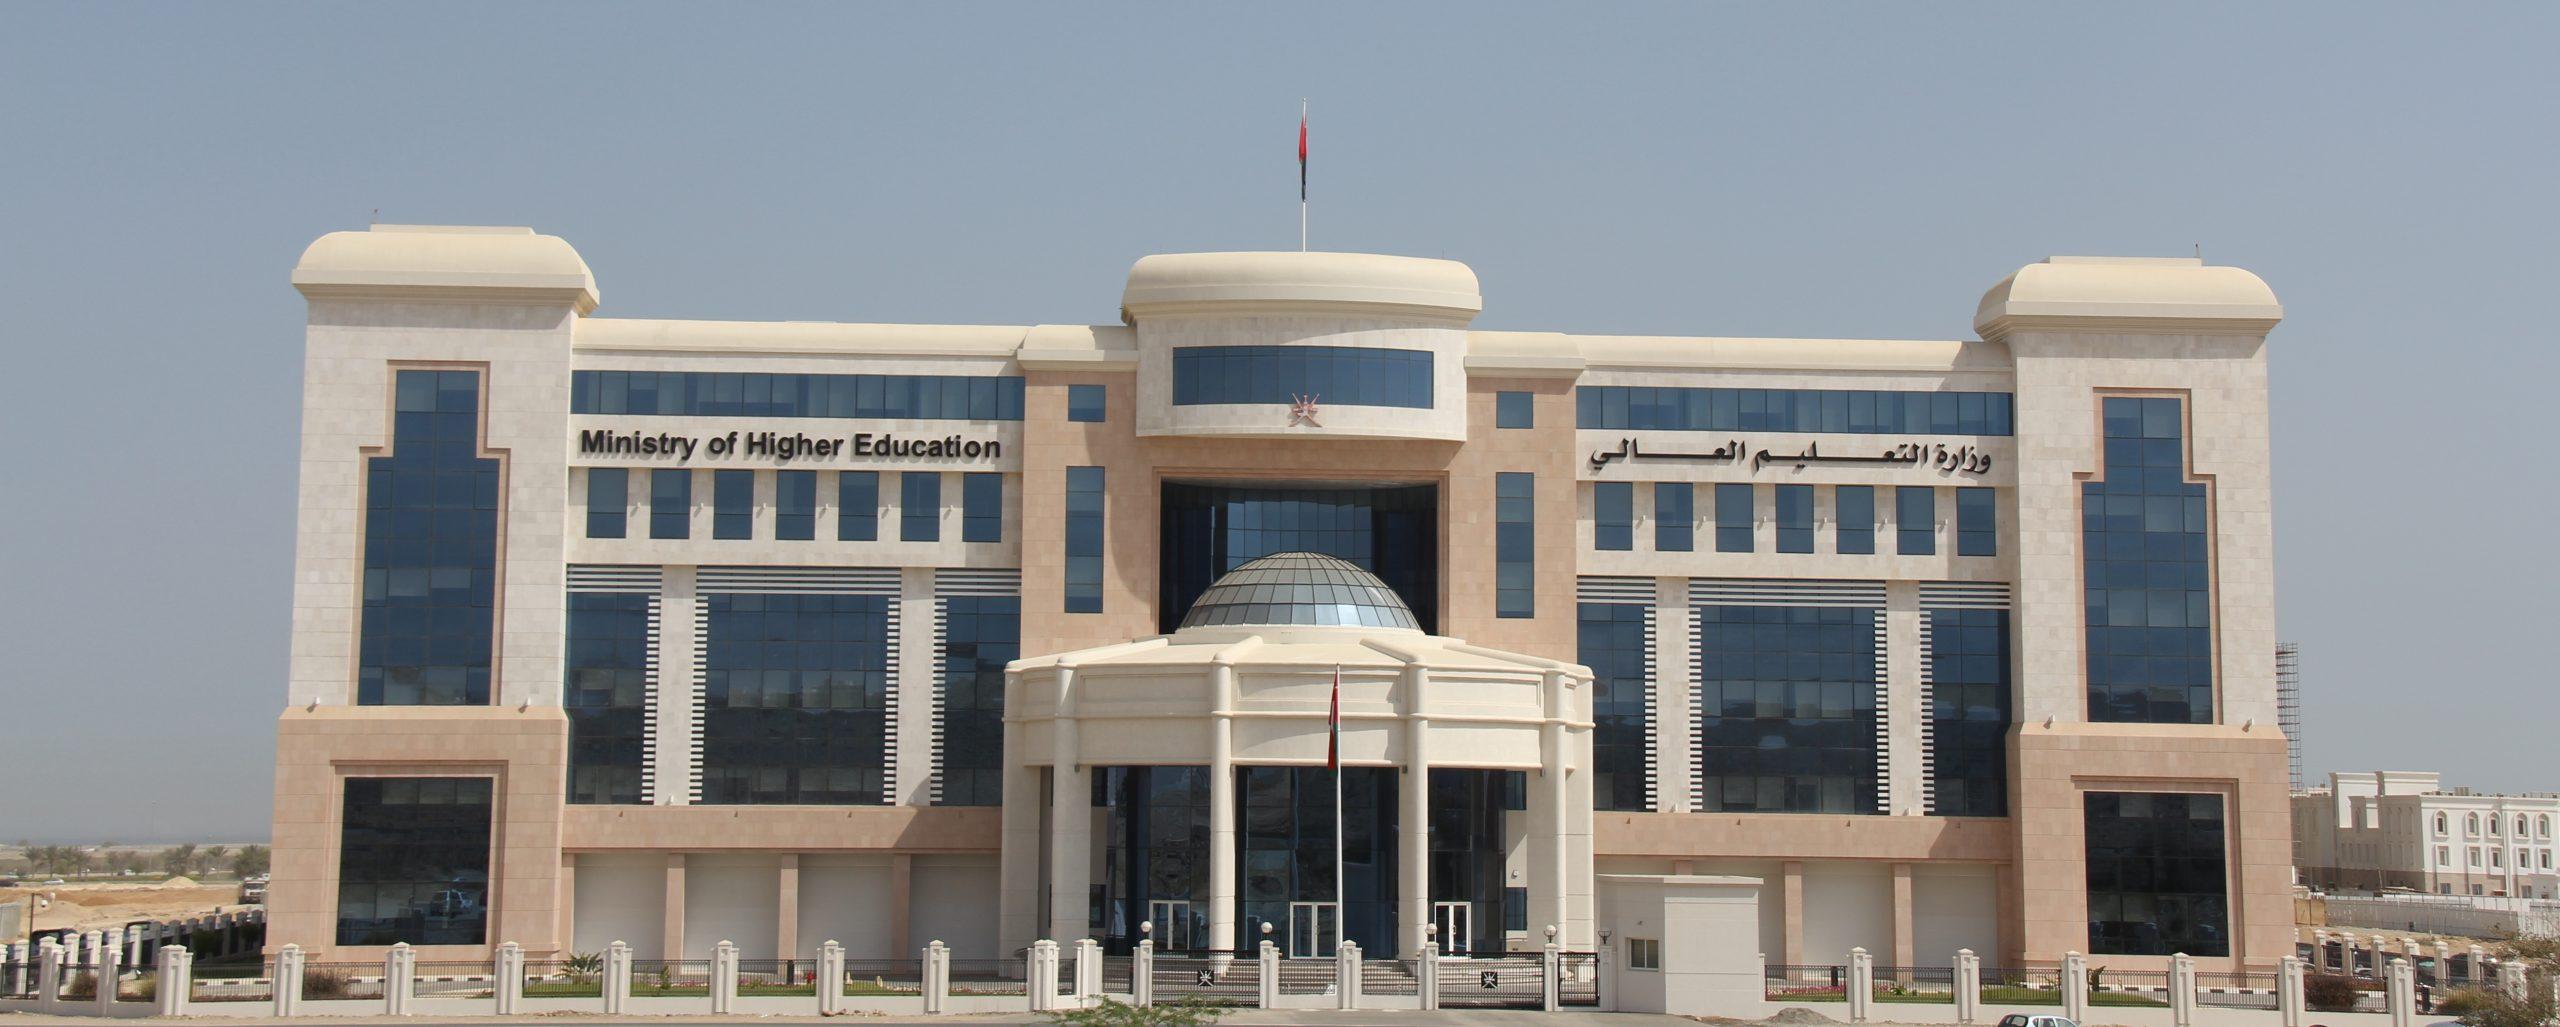 جامعات سلطنة عمان الخاصة